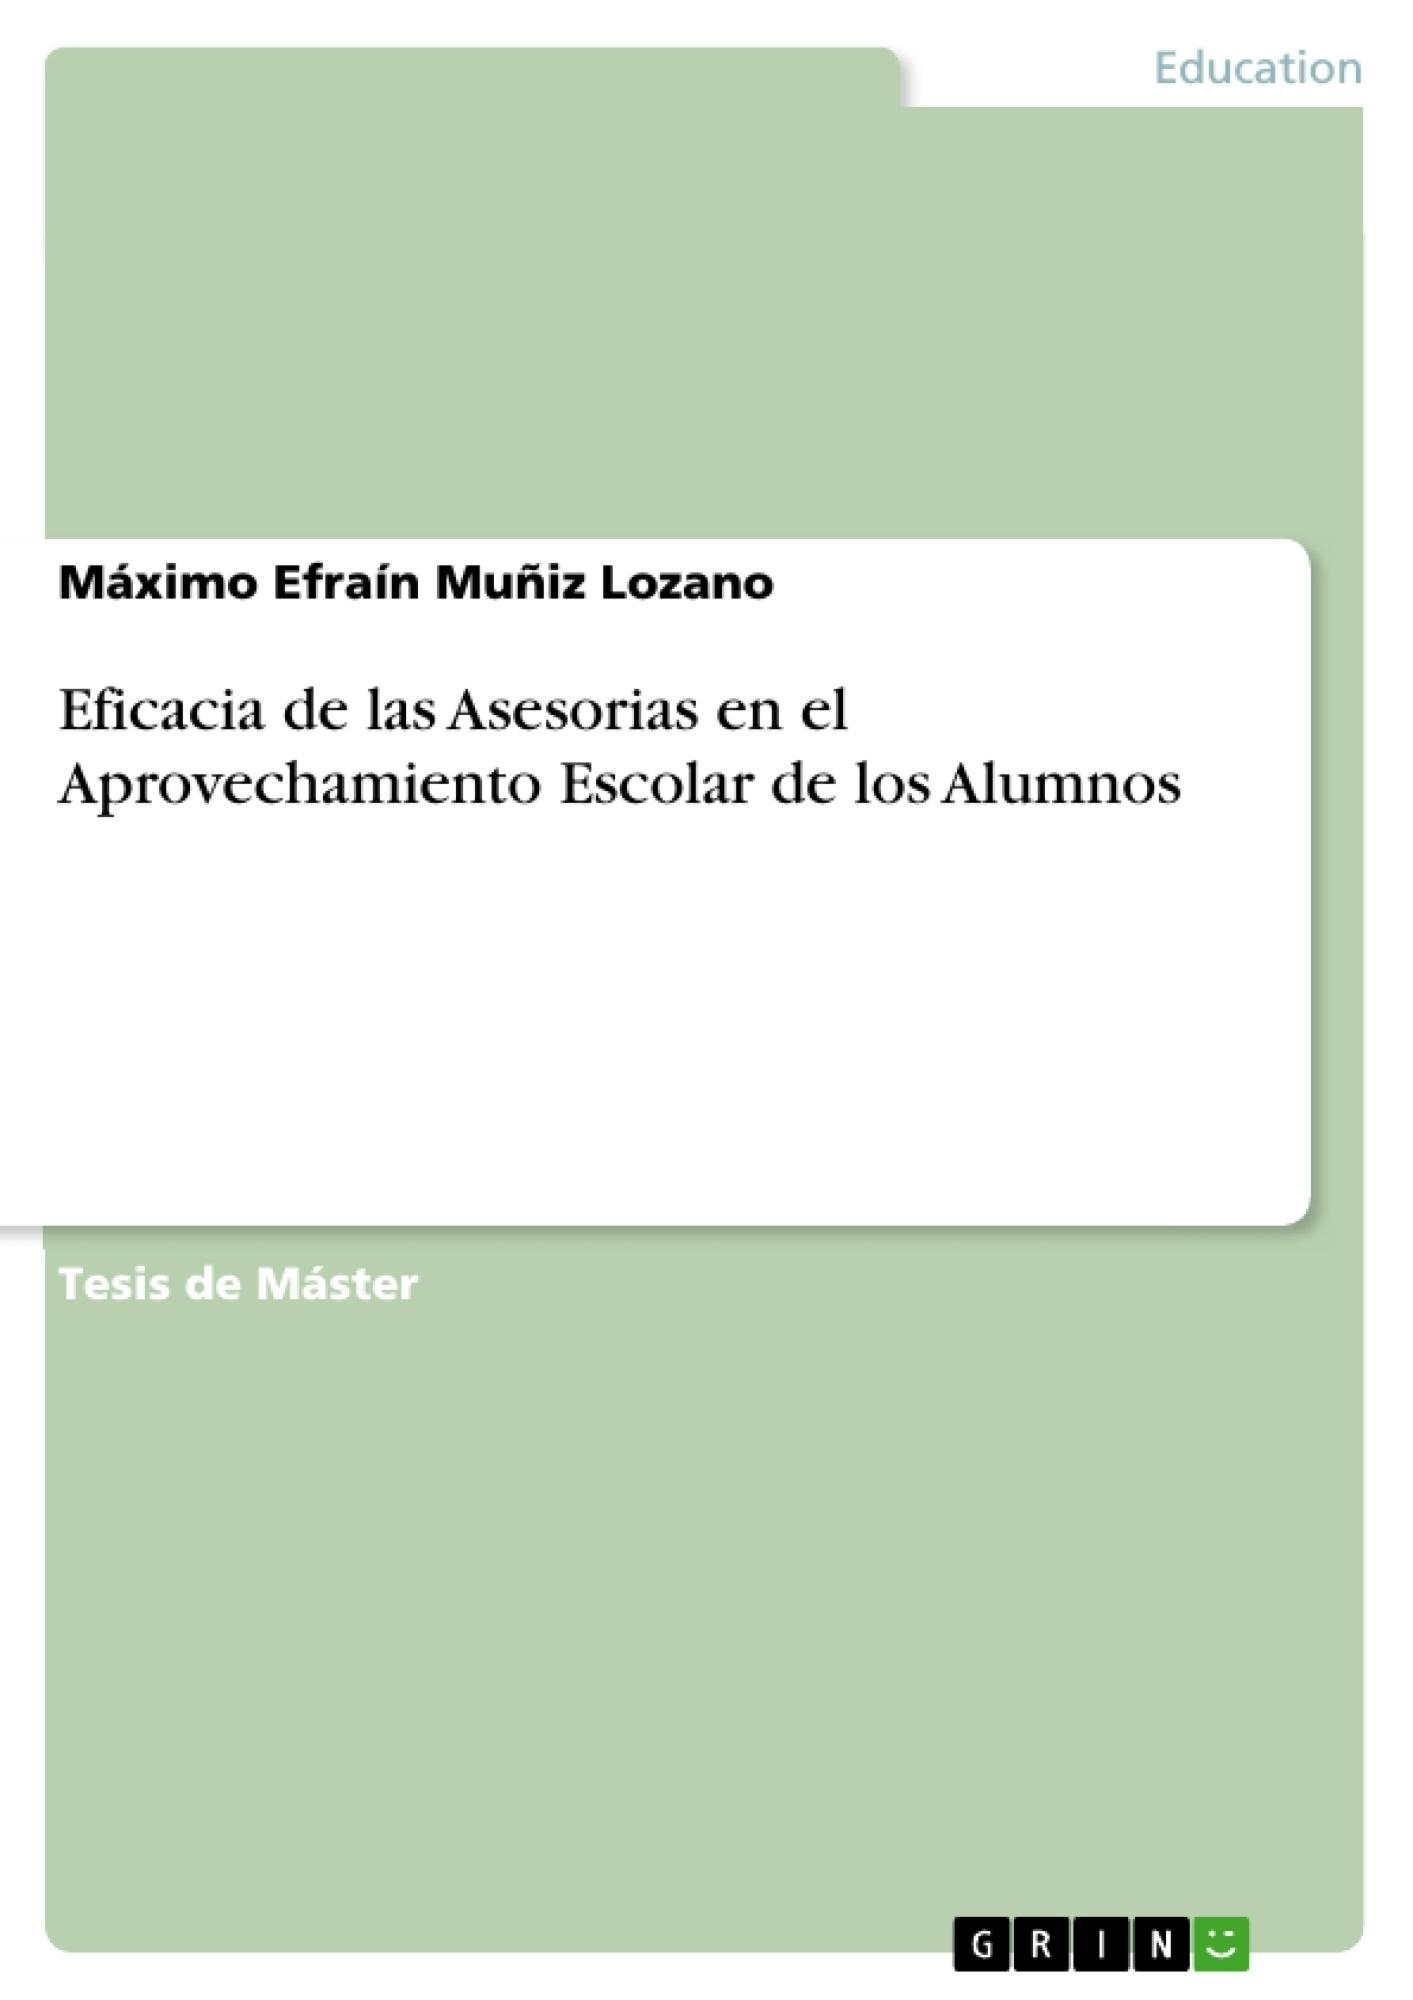 Título: Eficacia de las Asesorias en el Aprovechamiento Escolar de los Alumnos